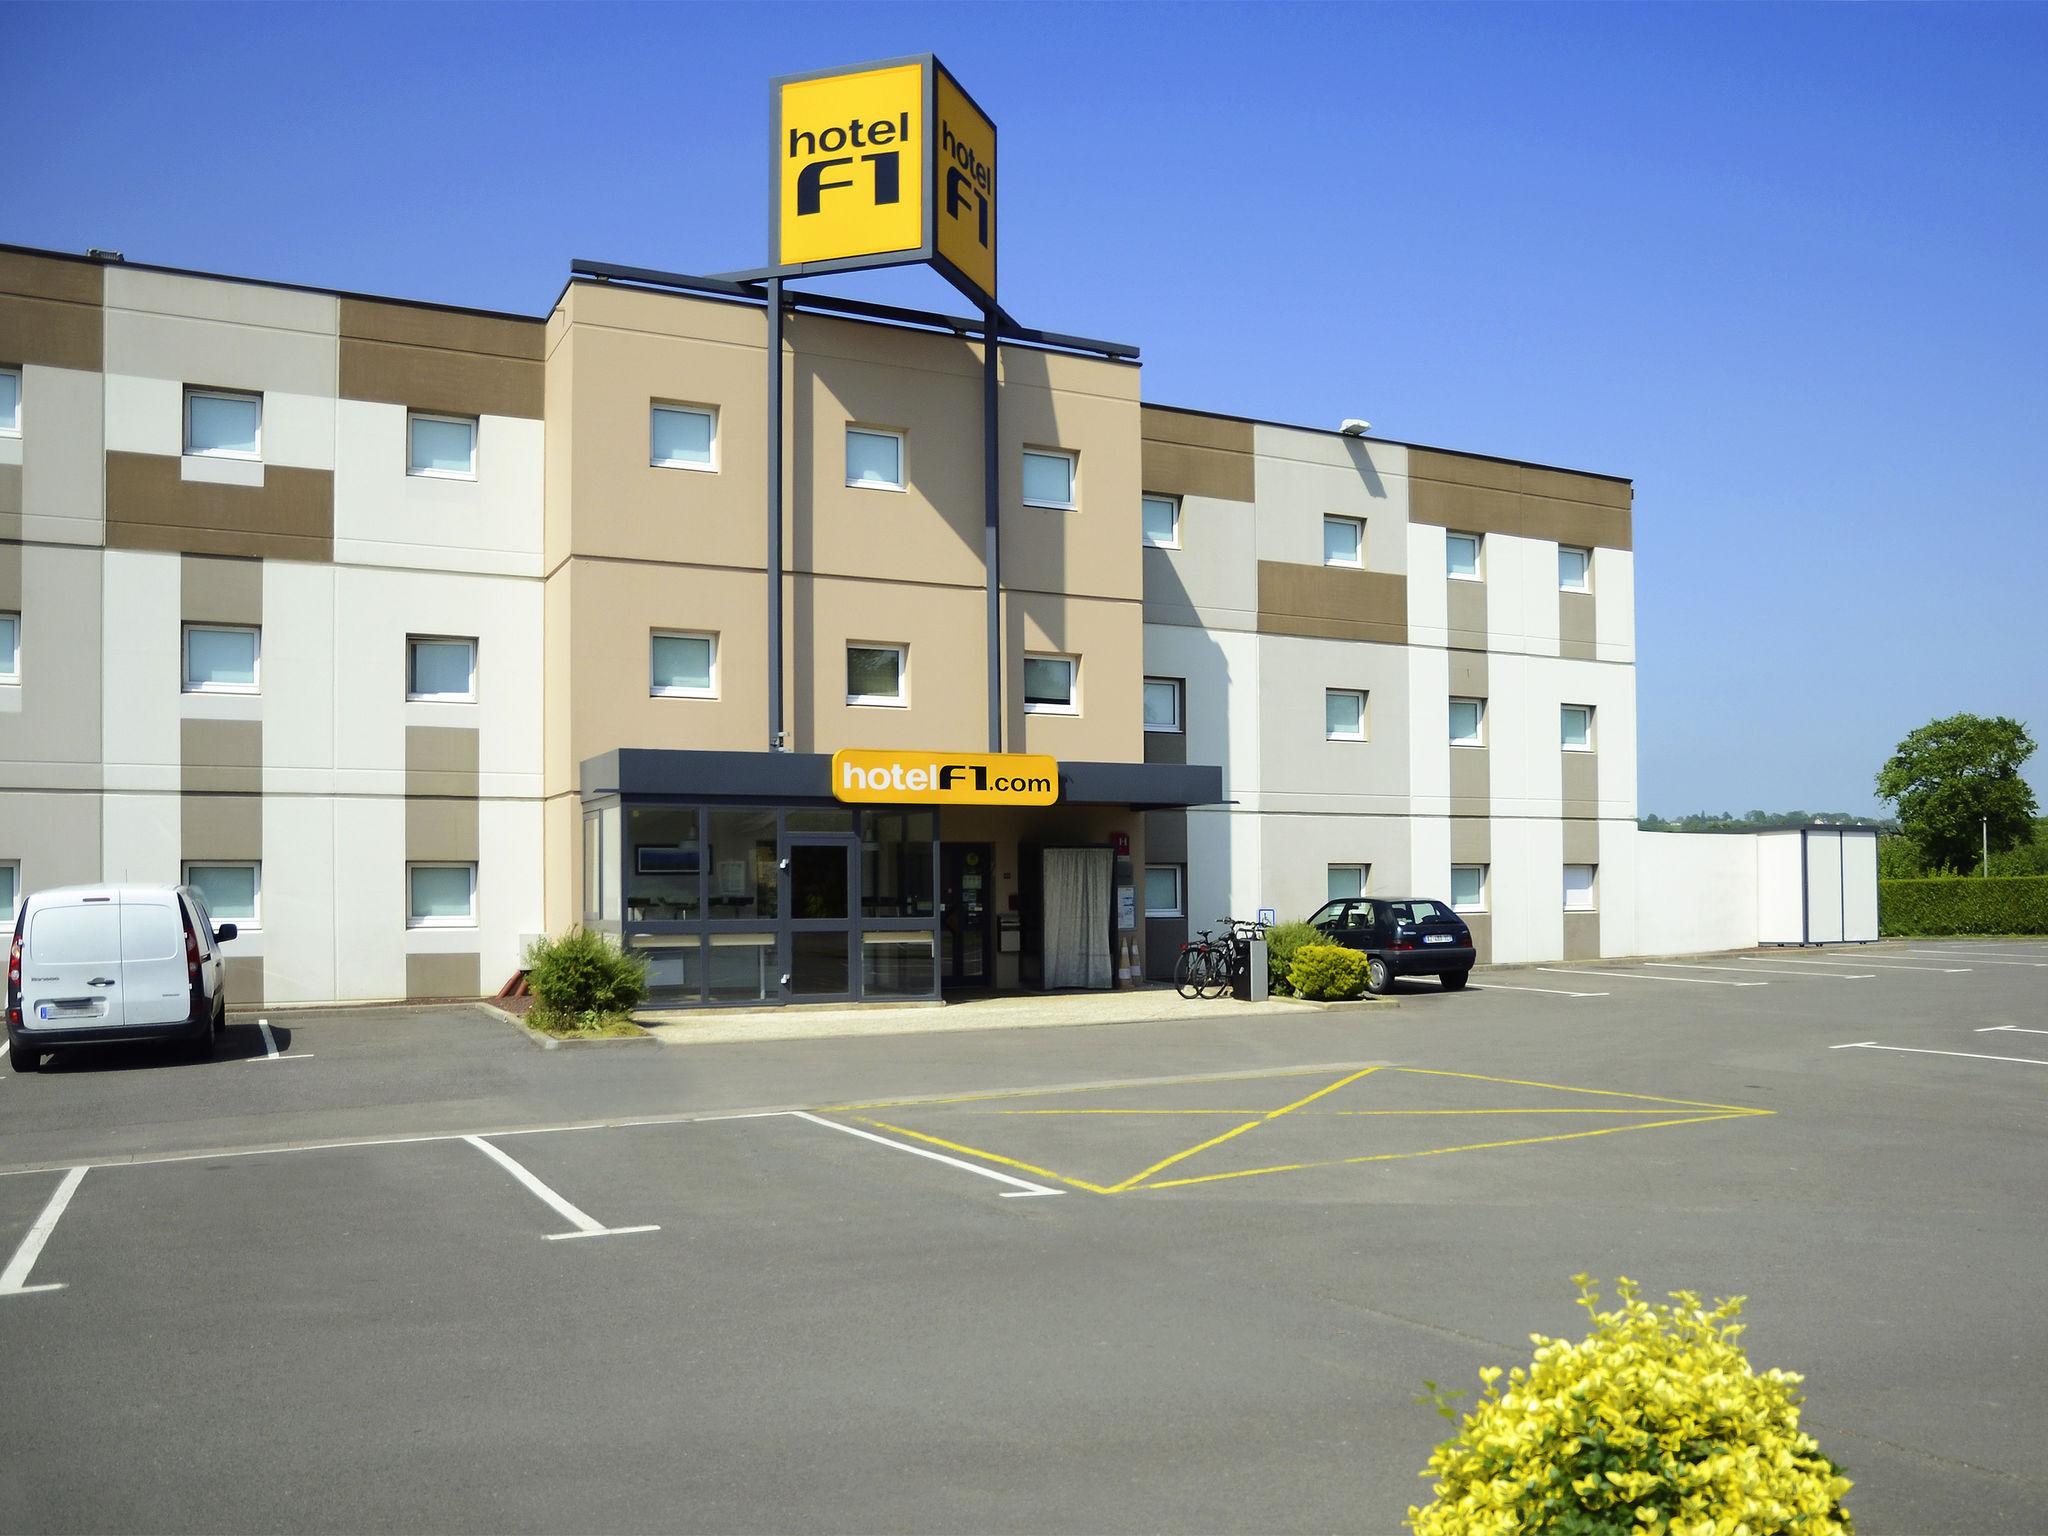 فندق - hotelF1 Avranches Baie du Mont-Saint-Michel